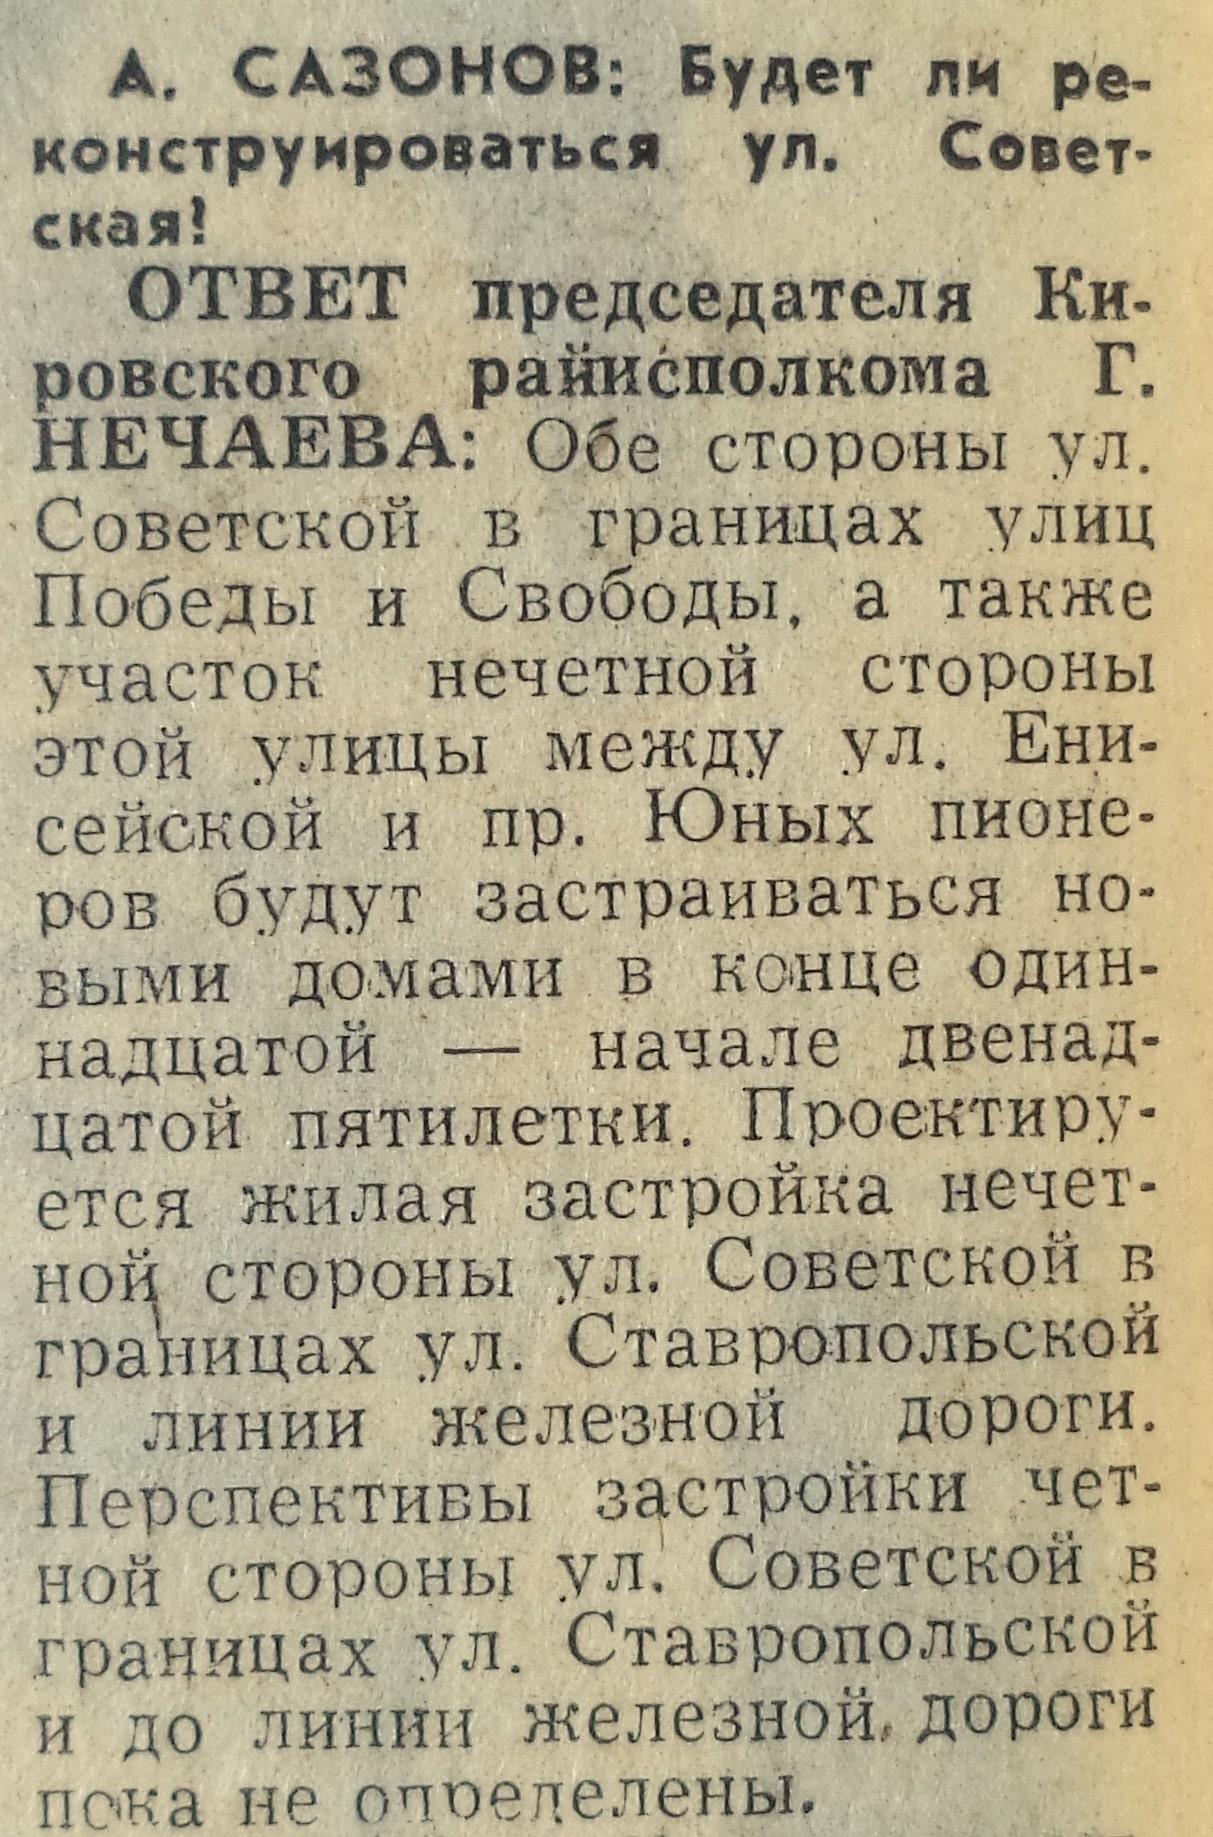 Советская-ФОТО-36-ВЗя-1982-09-18-реконстр. ул. Советской.